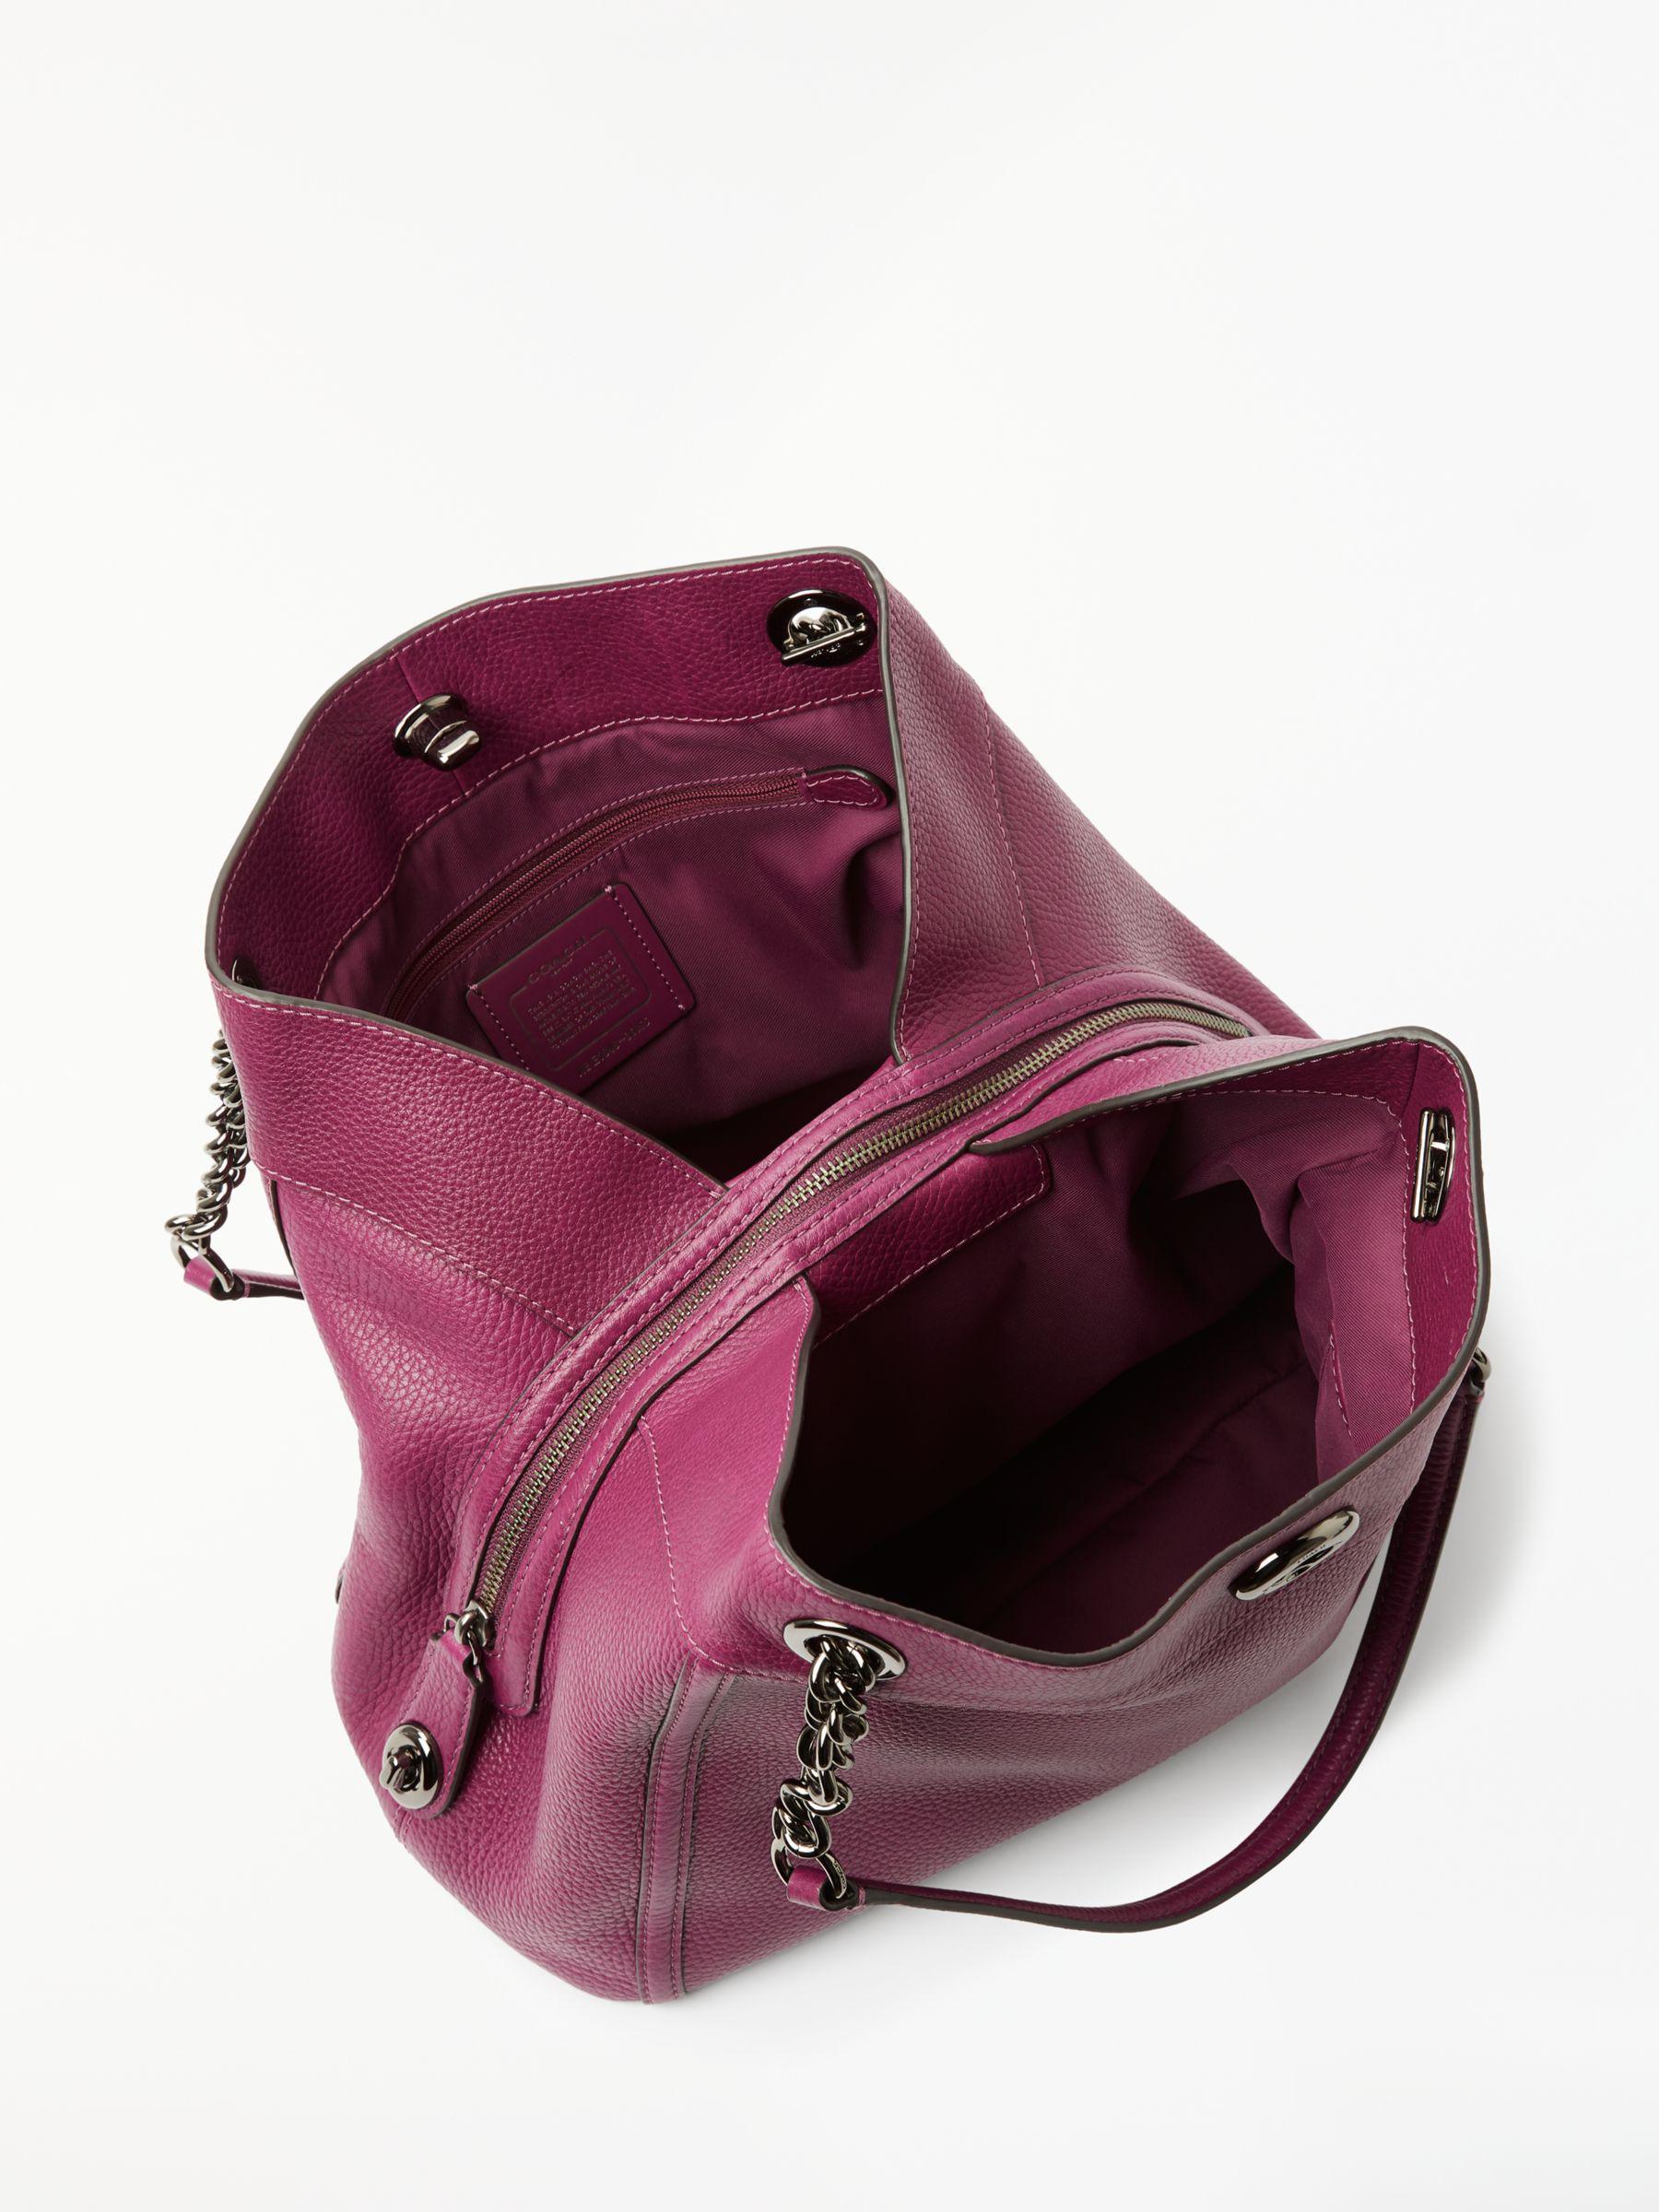 COACH Turnlock Edie Shoulder Bag in Purple - Lyst 63fbaf84077c1